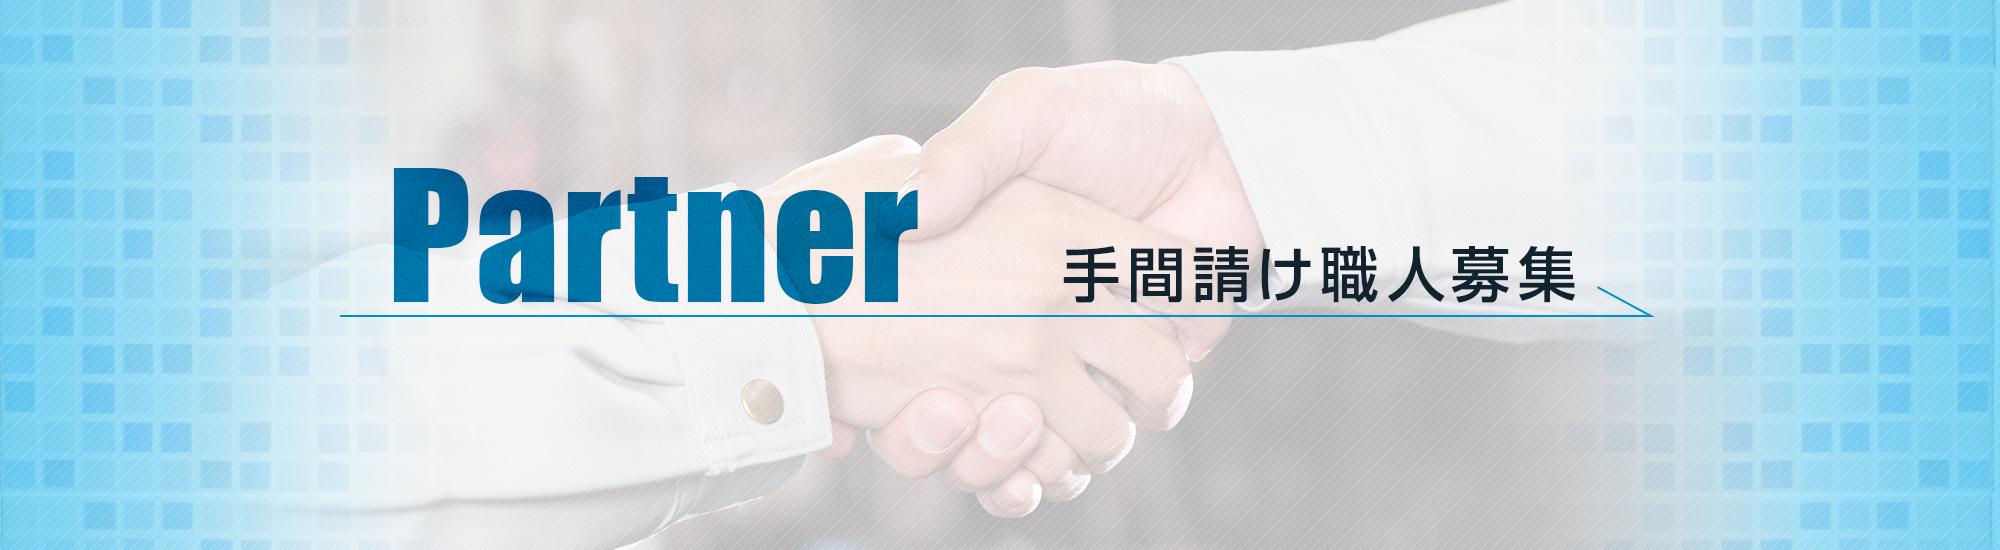 banner_big_partner